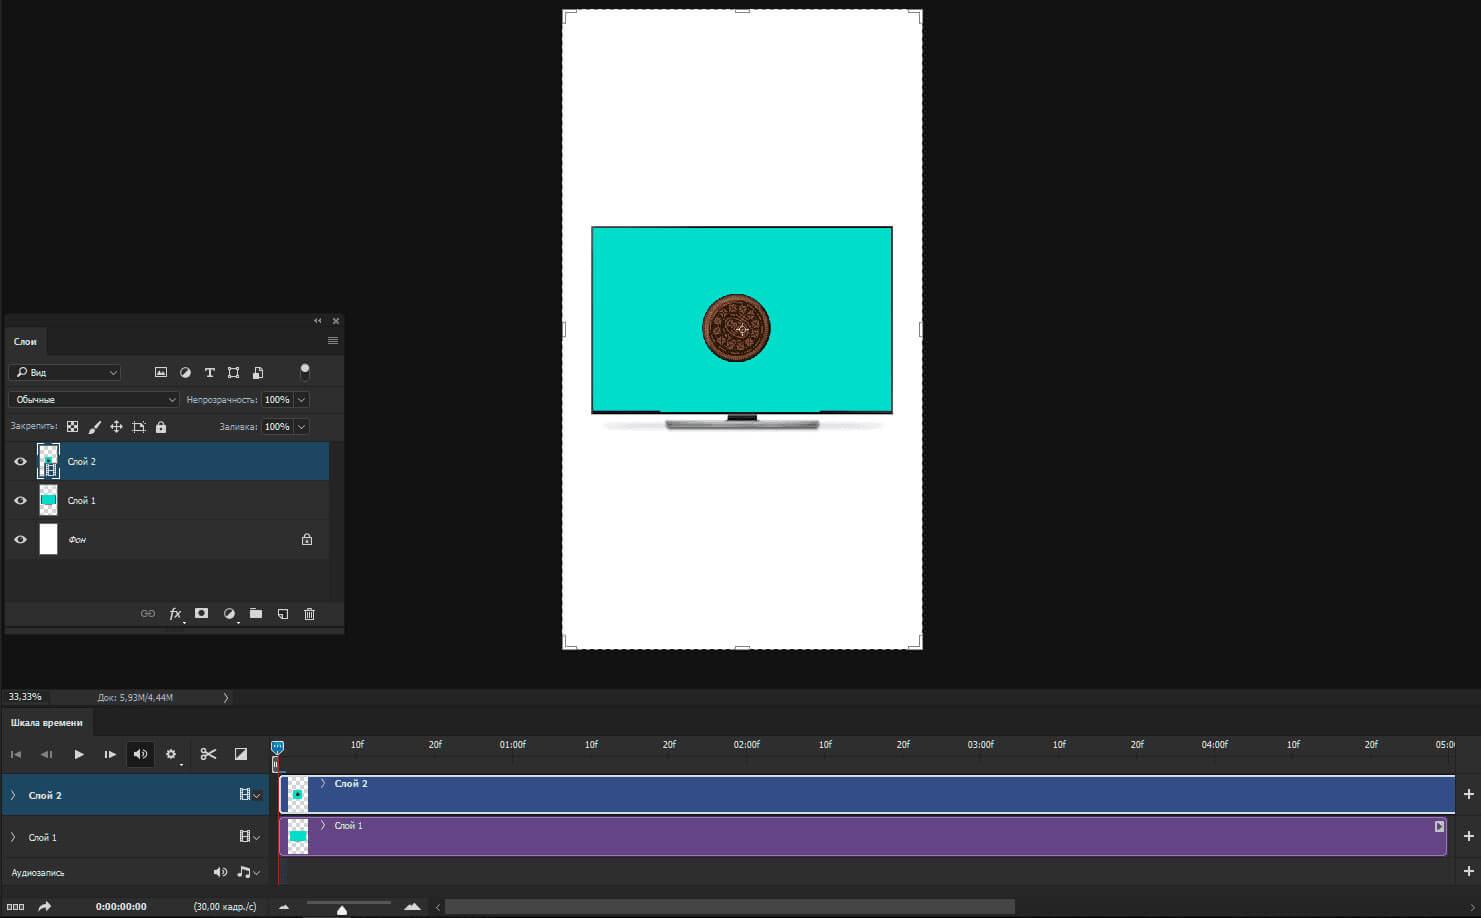 Полосы внизу (сейчас синяя и фиолетовая) — это длительность показа слоев: один слой с телевизором, другой с анимацией